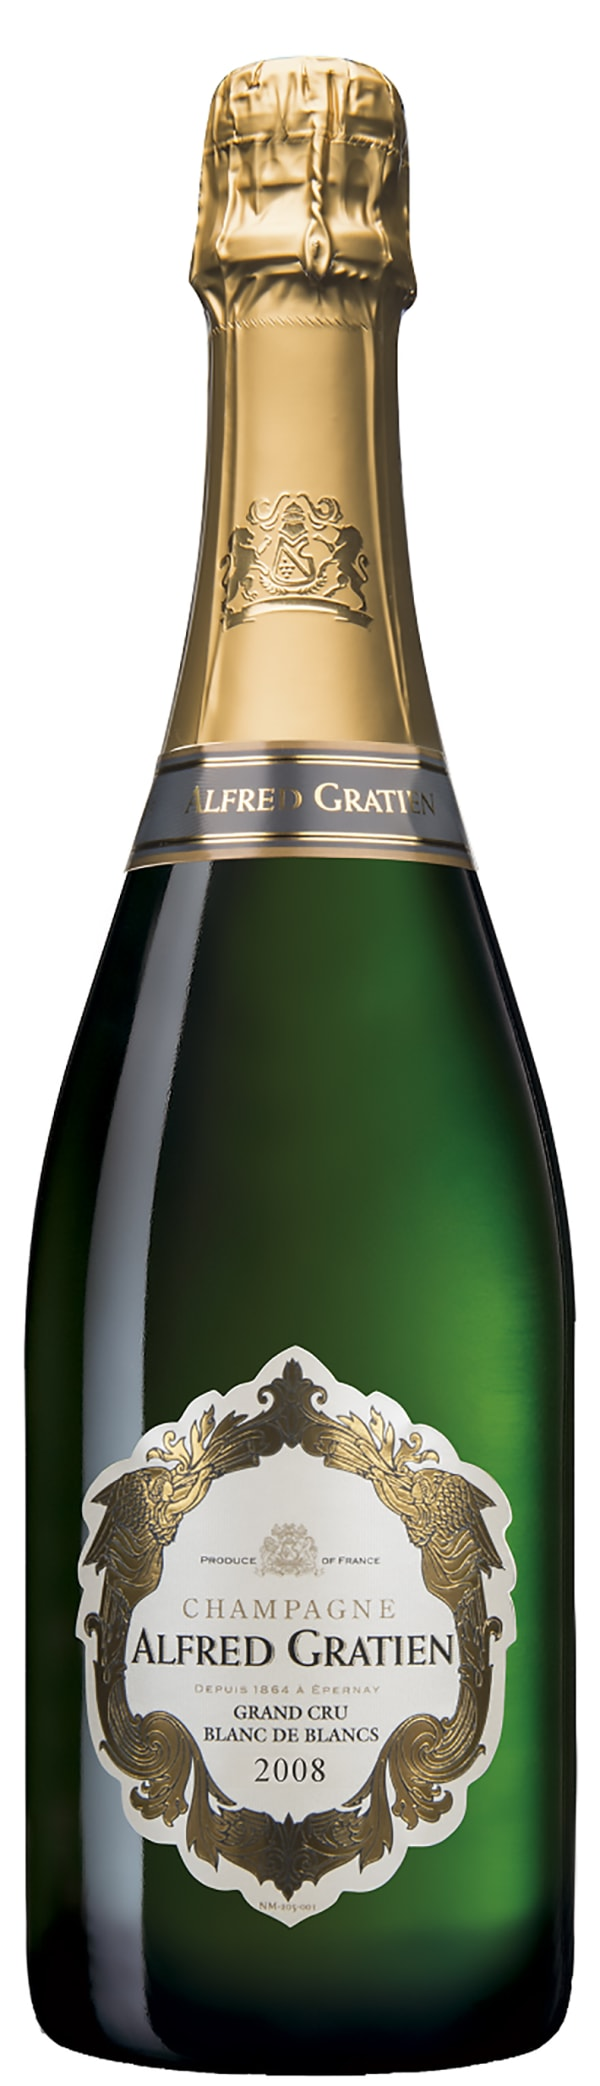 Alfred Gratien Blanc de Blancs Champagne Brut 2009